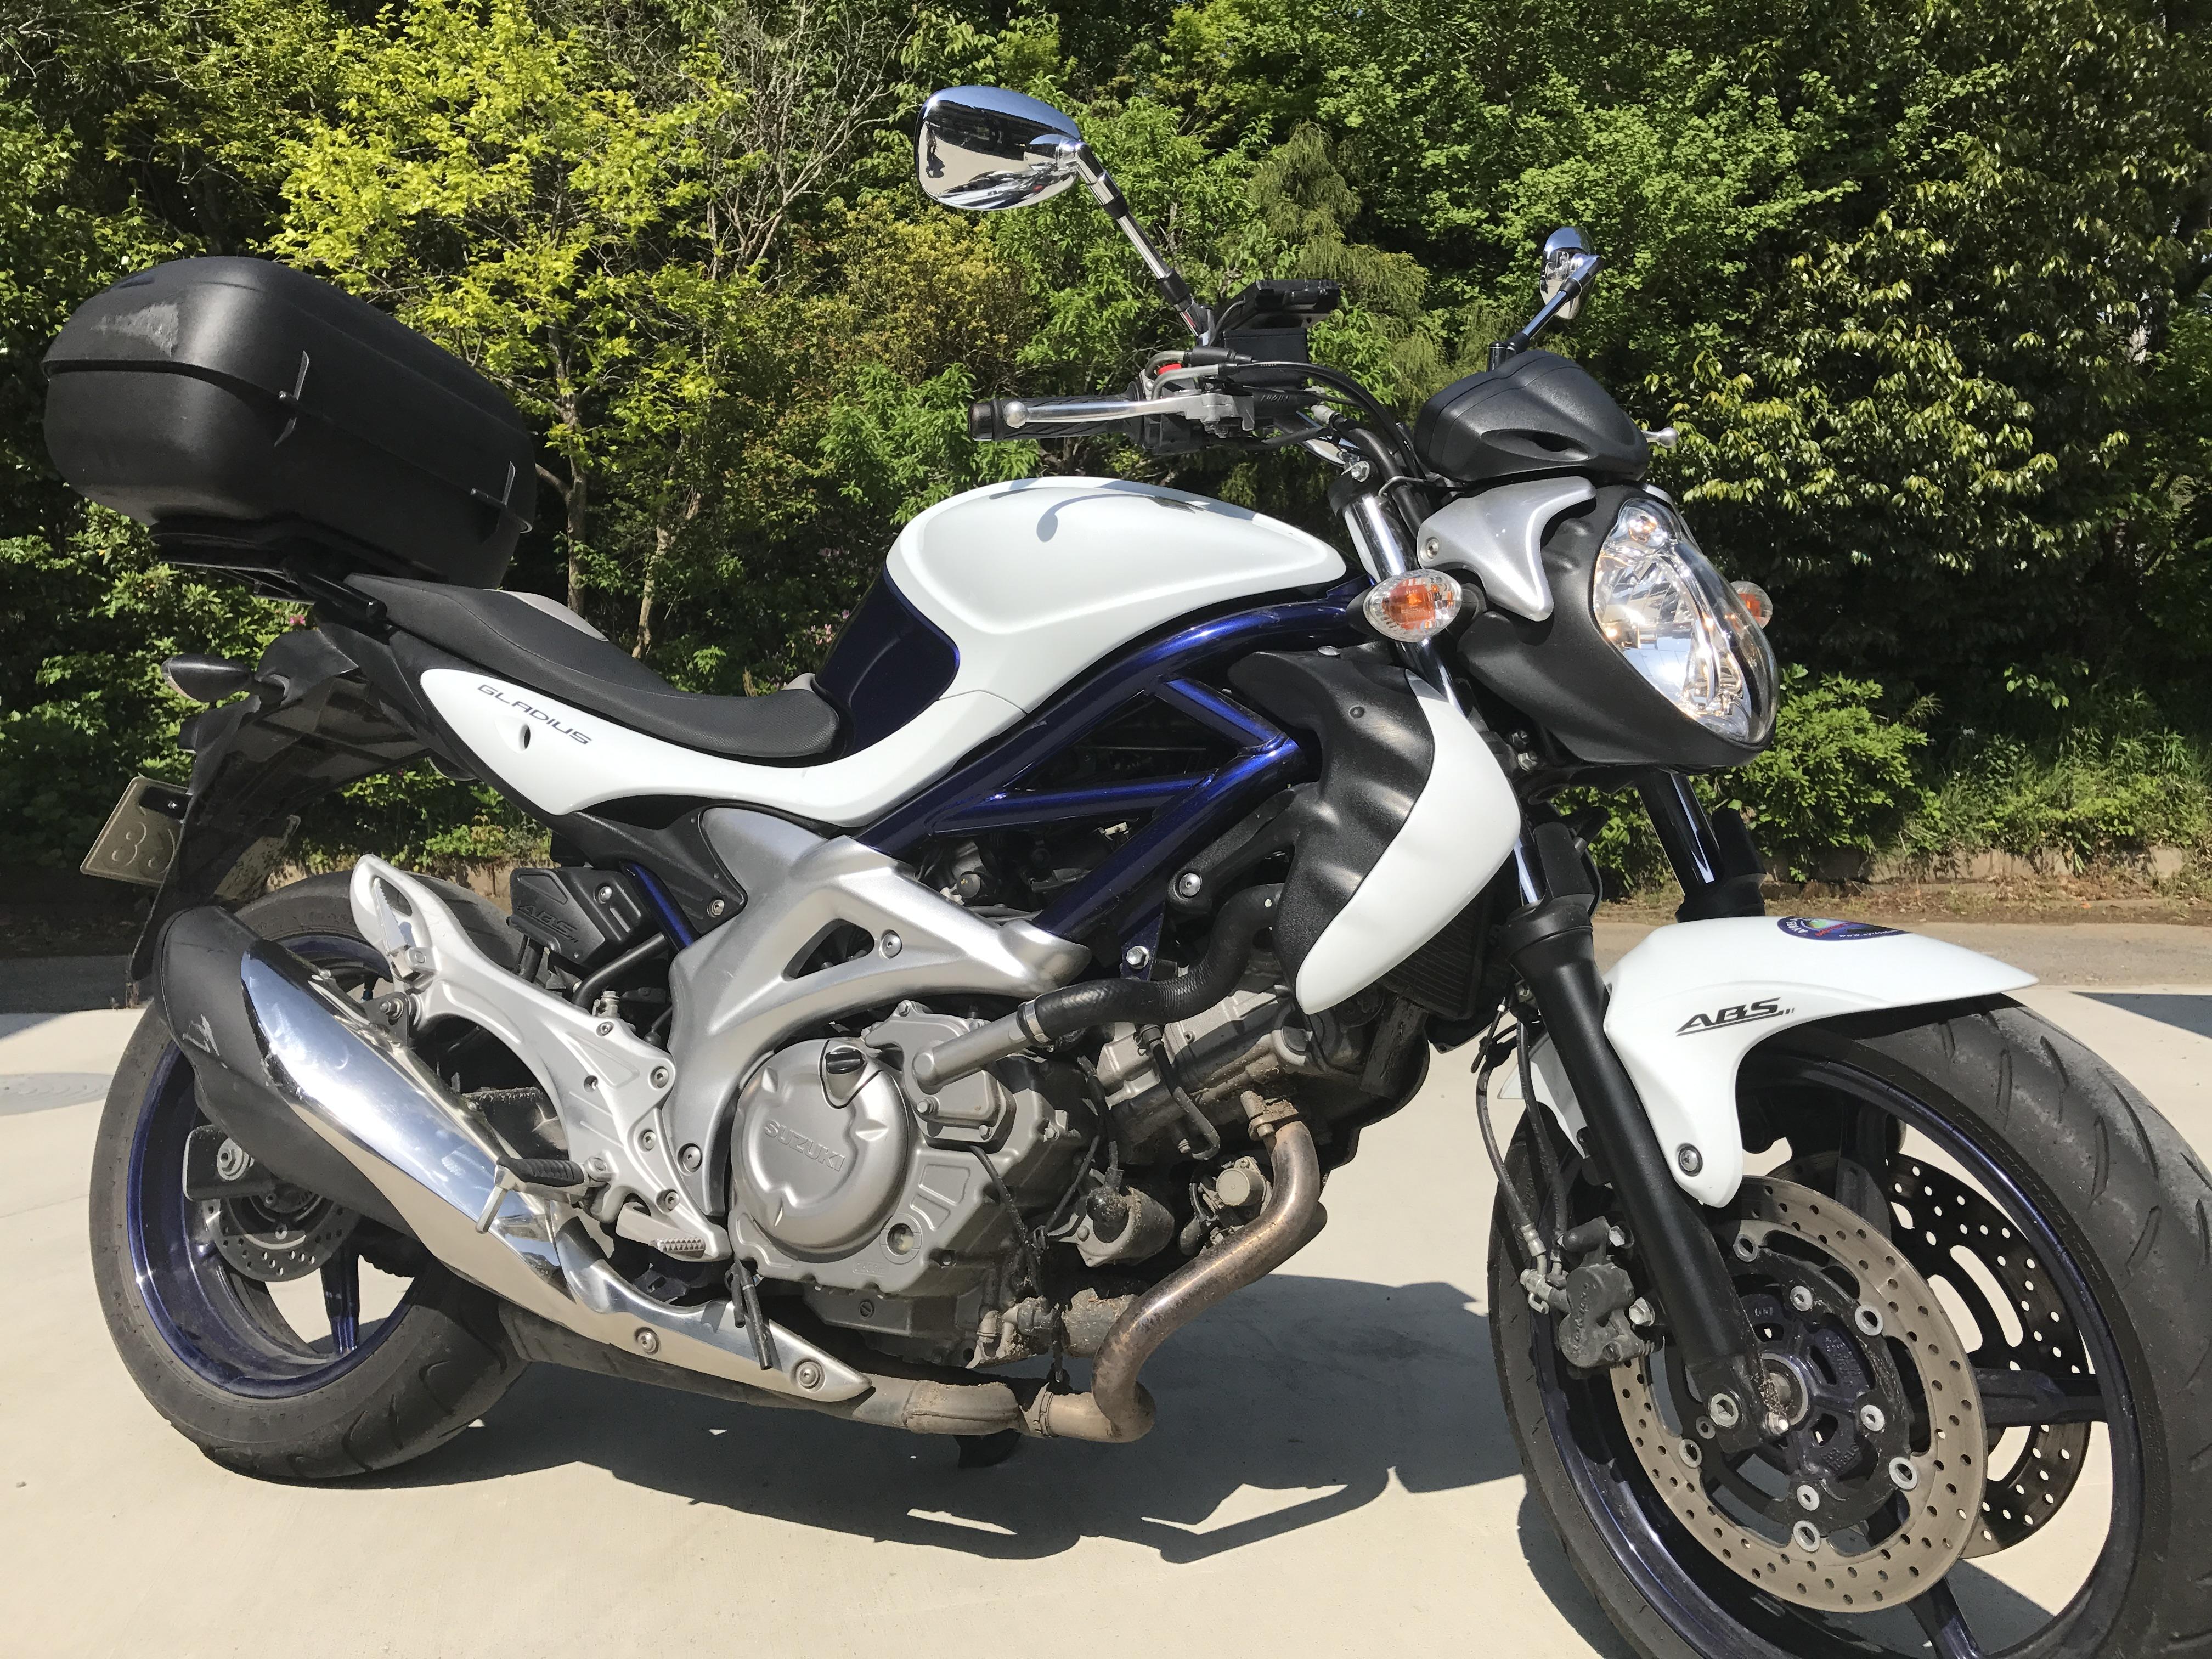 グラディウス400ABS (HN-00) - 【公式】レンタルバイクのベストBike® 武蔵小杉駅前